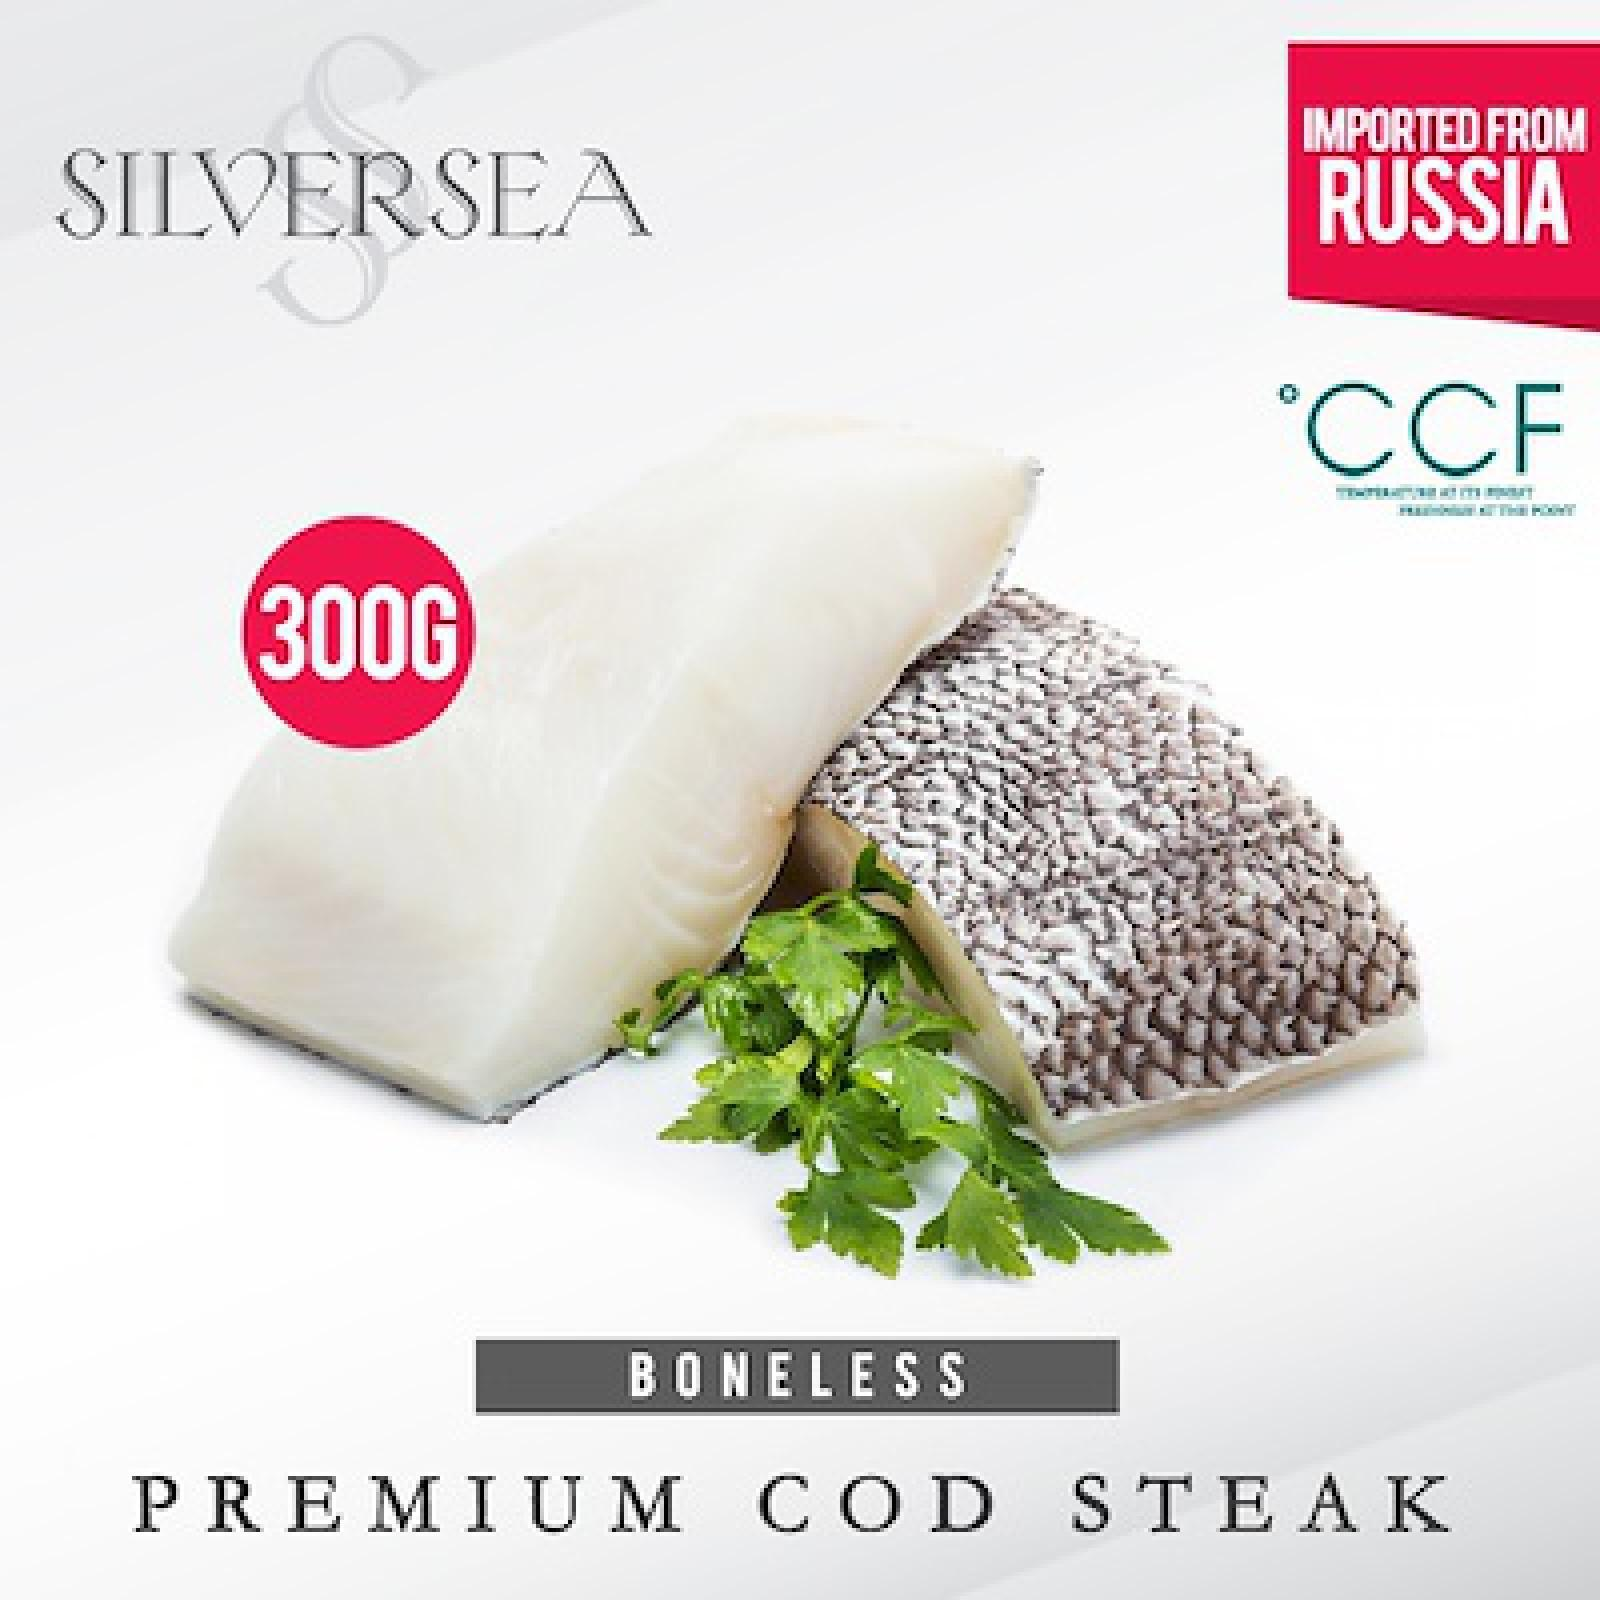 Silversea Premium Boneless Cod Fish Steak - Frozen